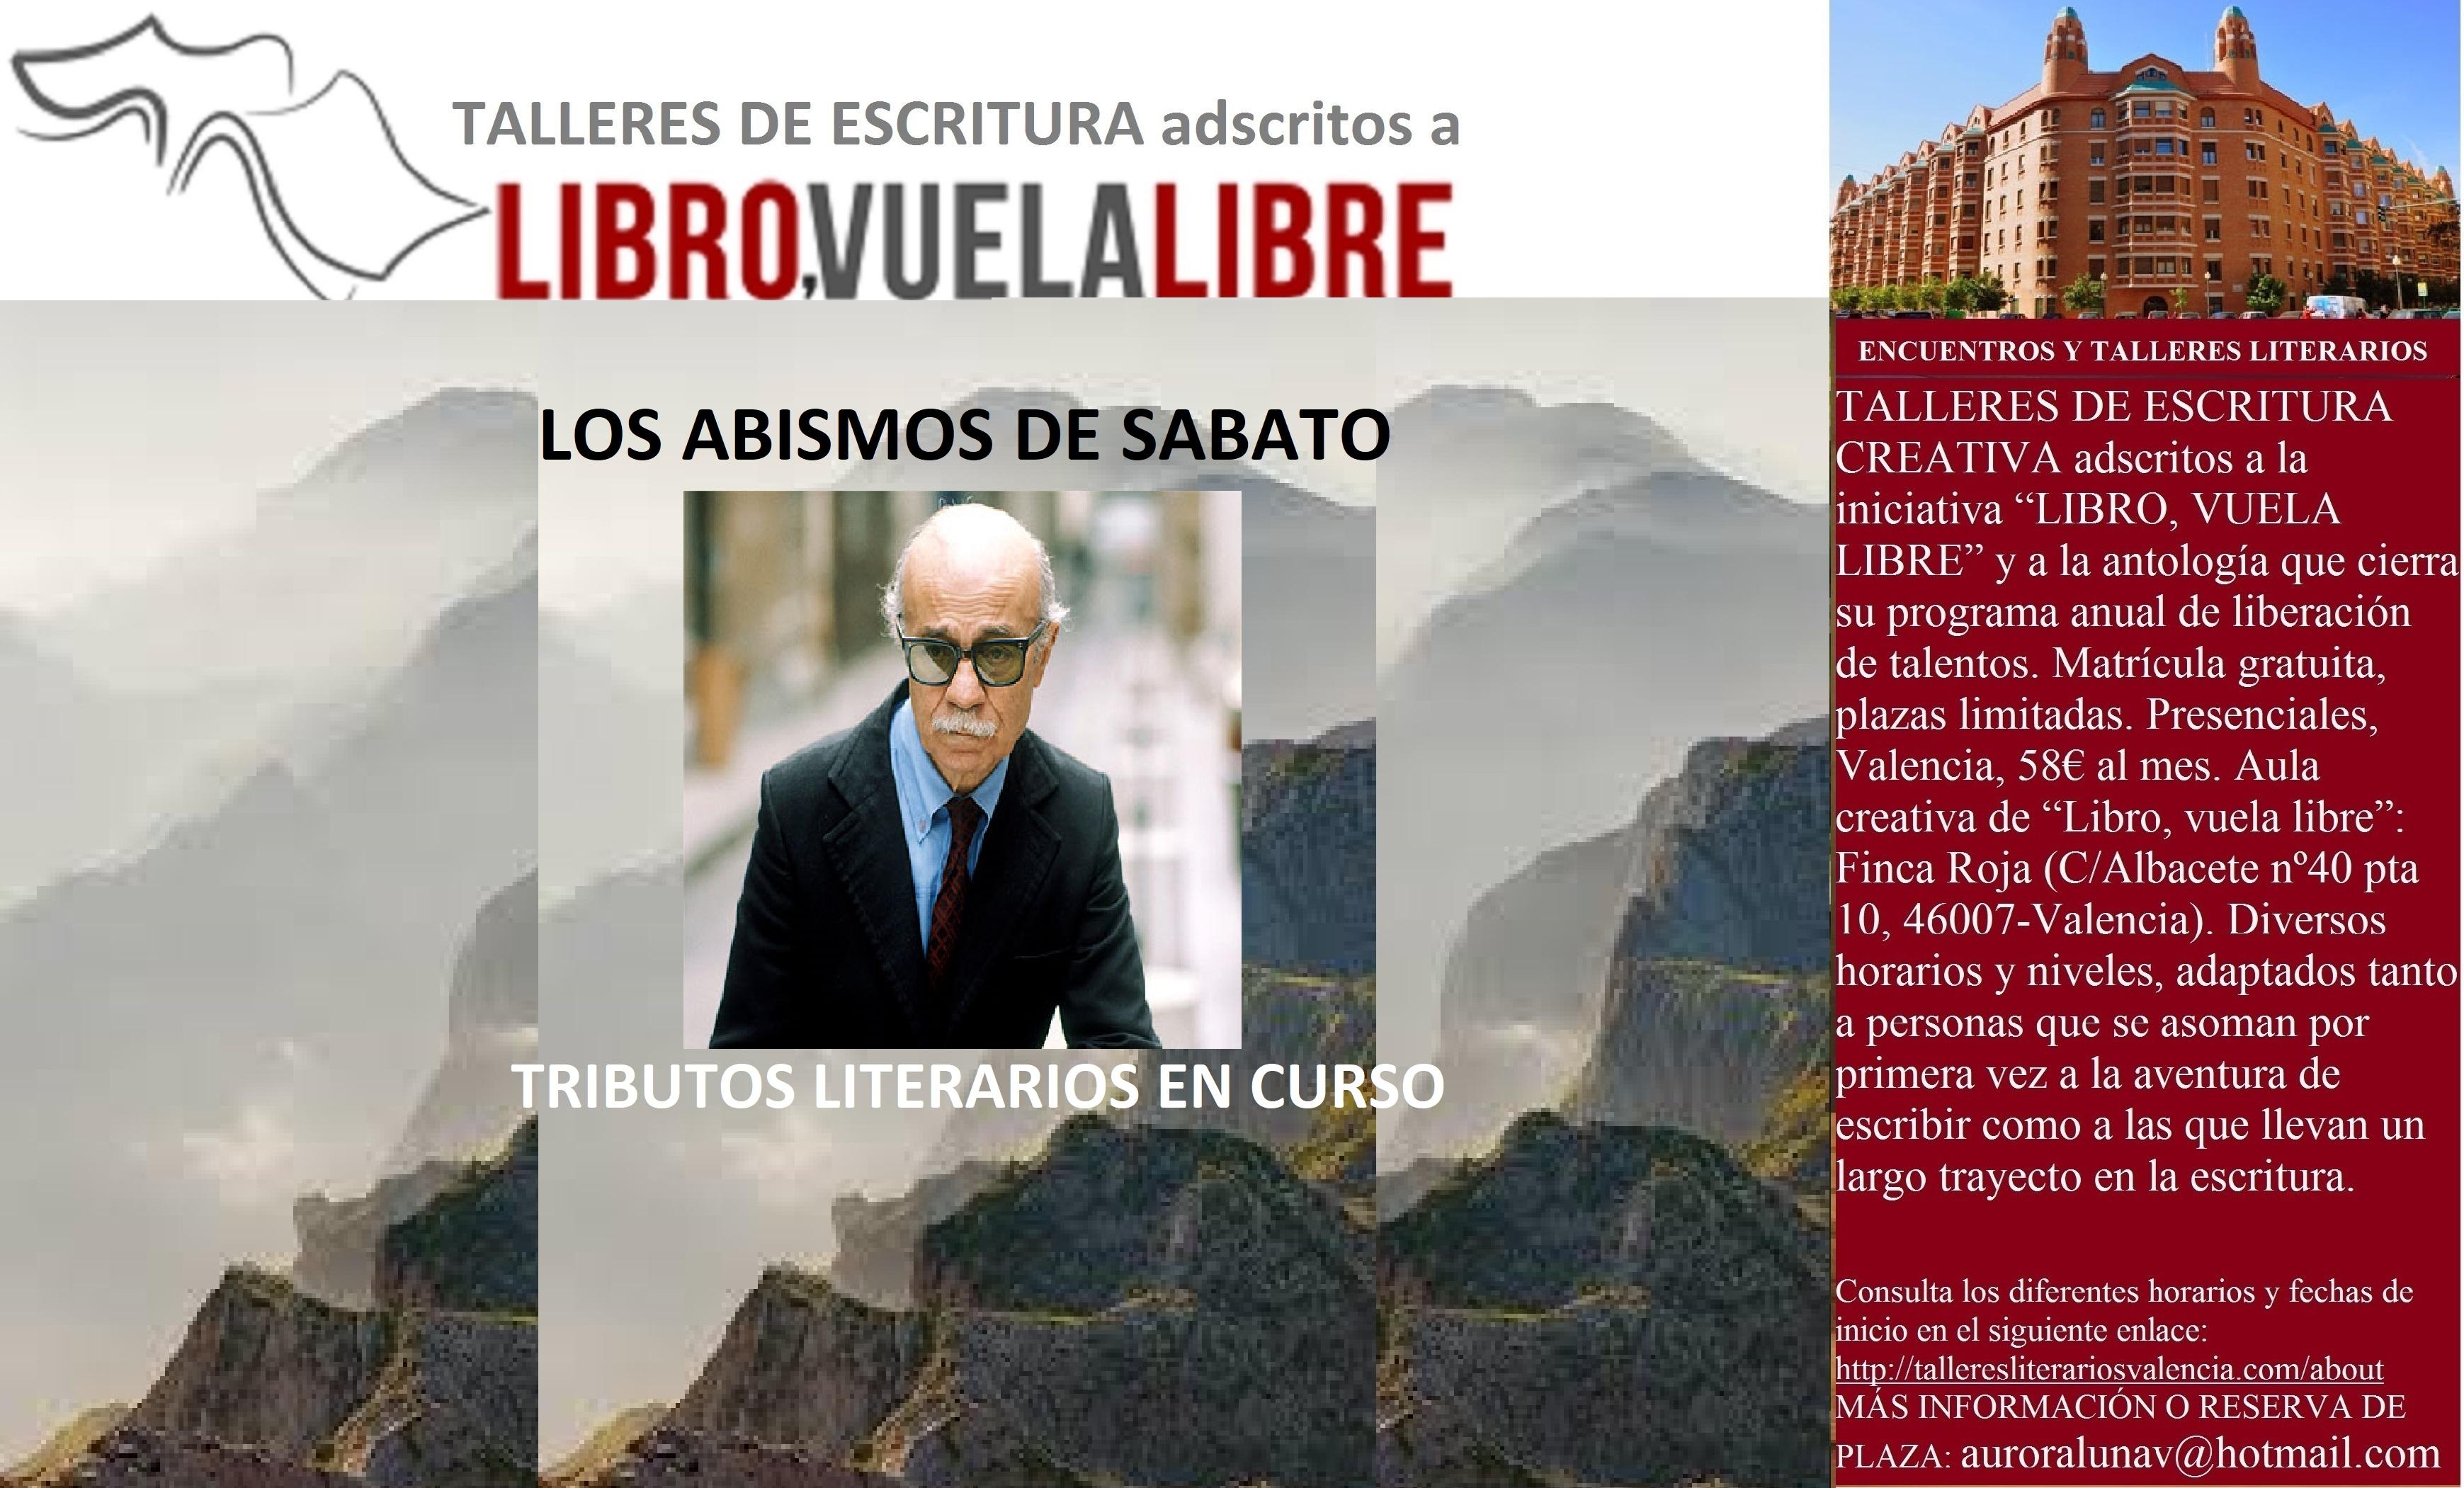 LOS ABISMOS DE SABATO. Taller de escritura, tributos literarios en curso